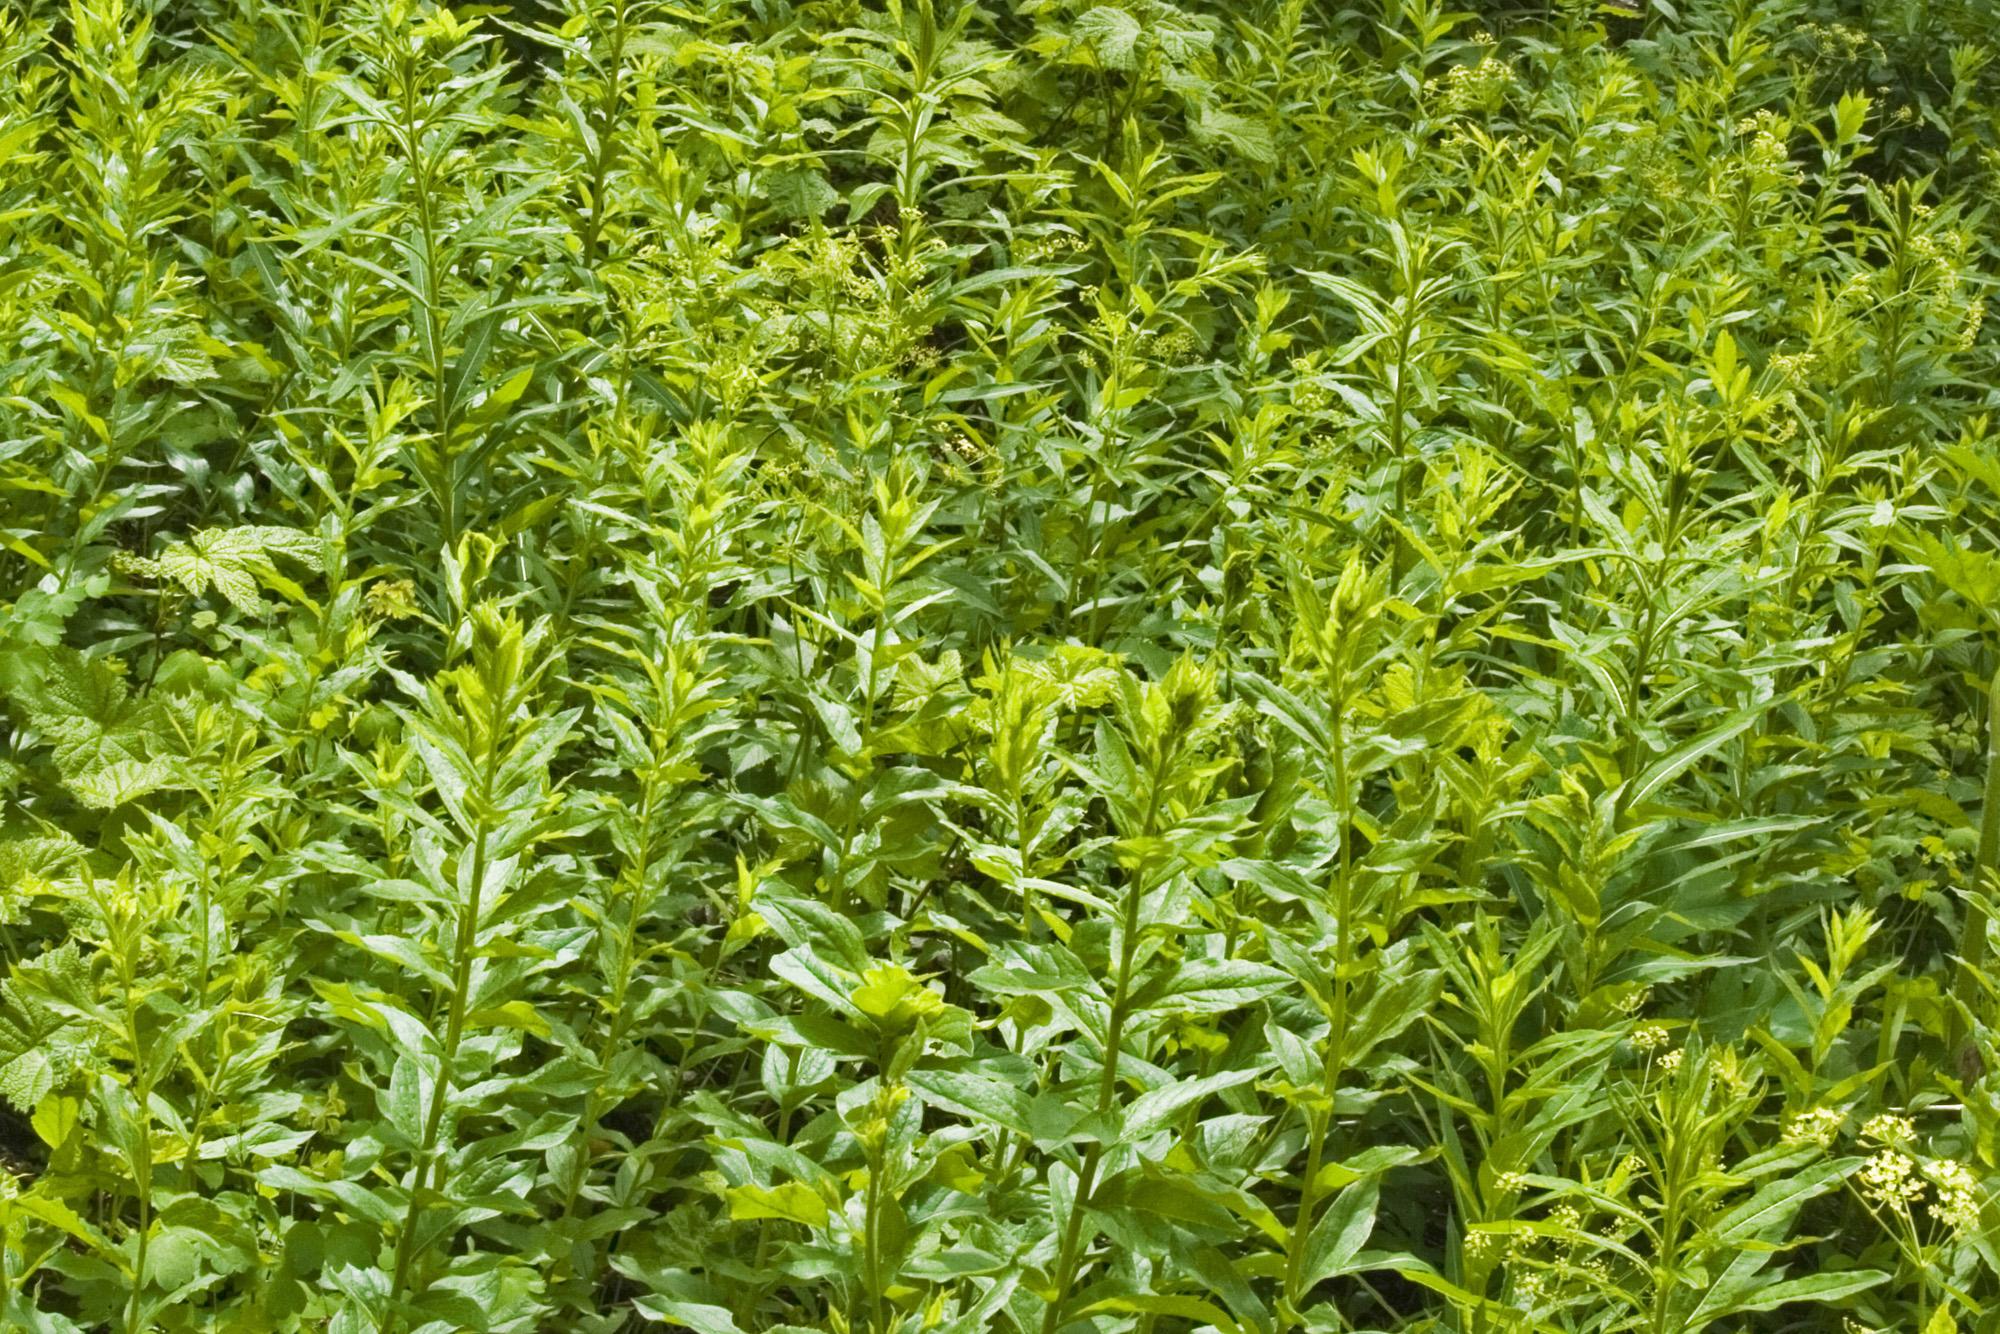 lush vegetation by Bean Creek Basin